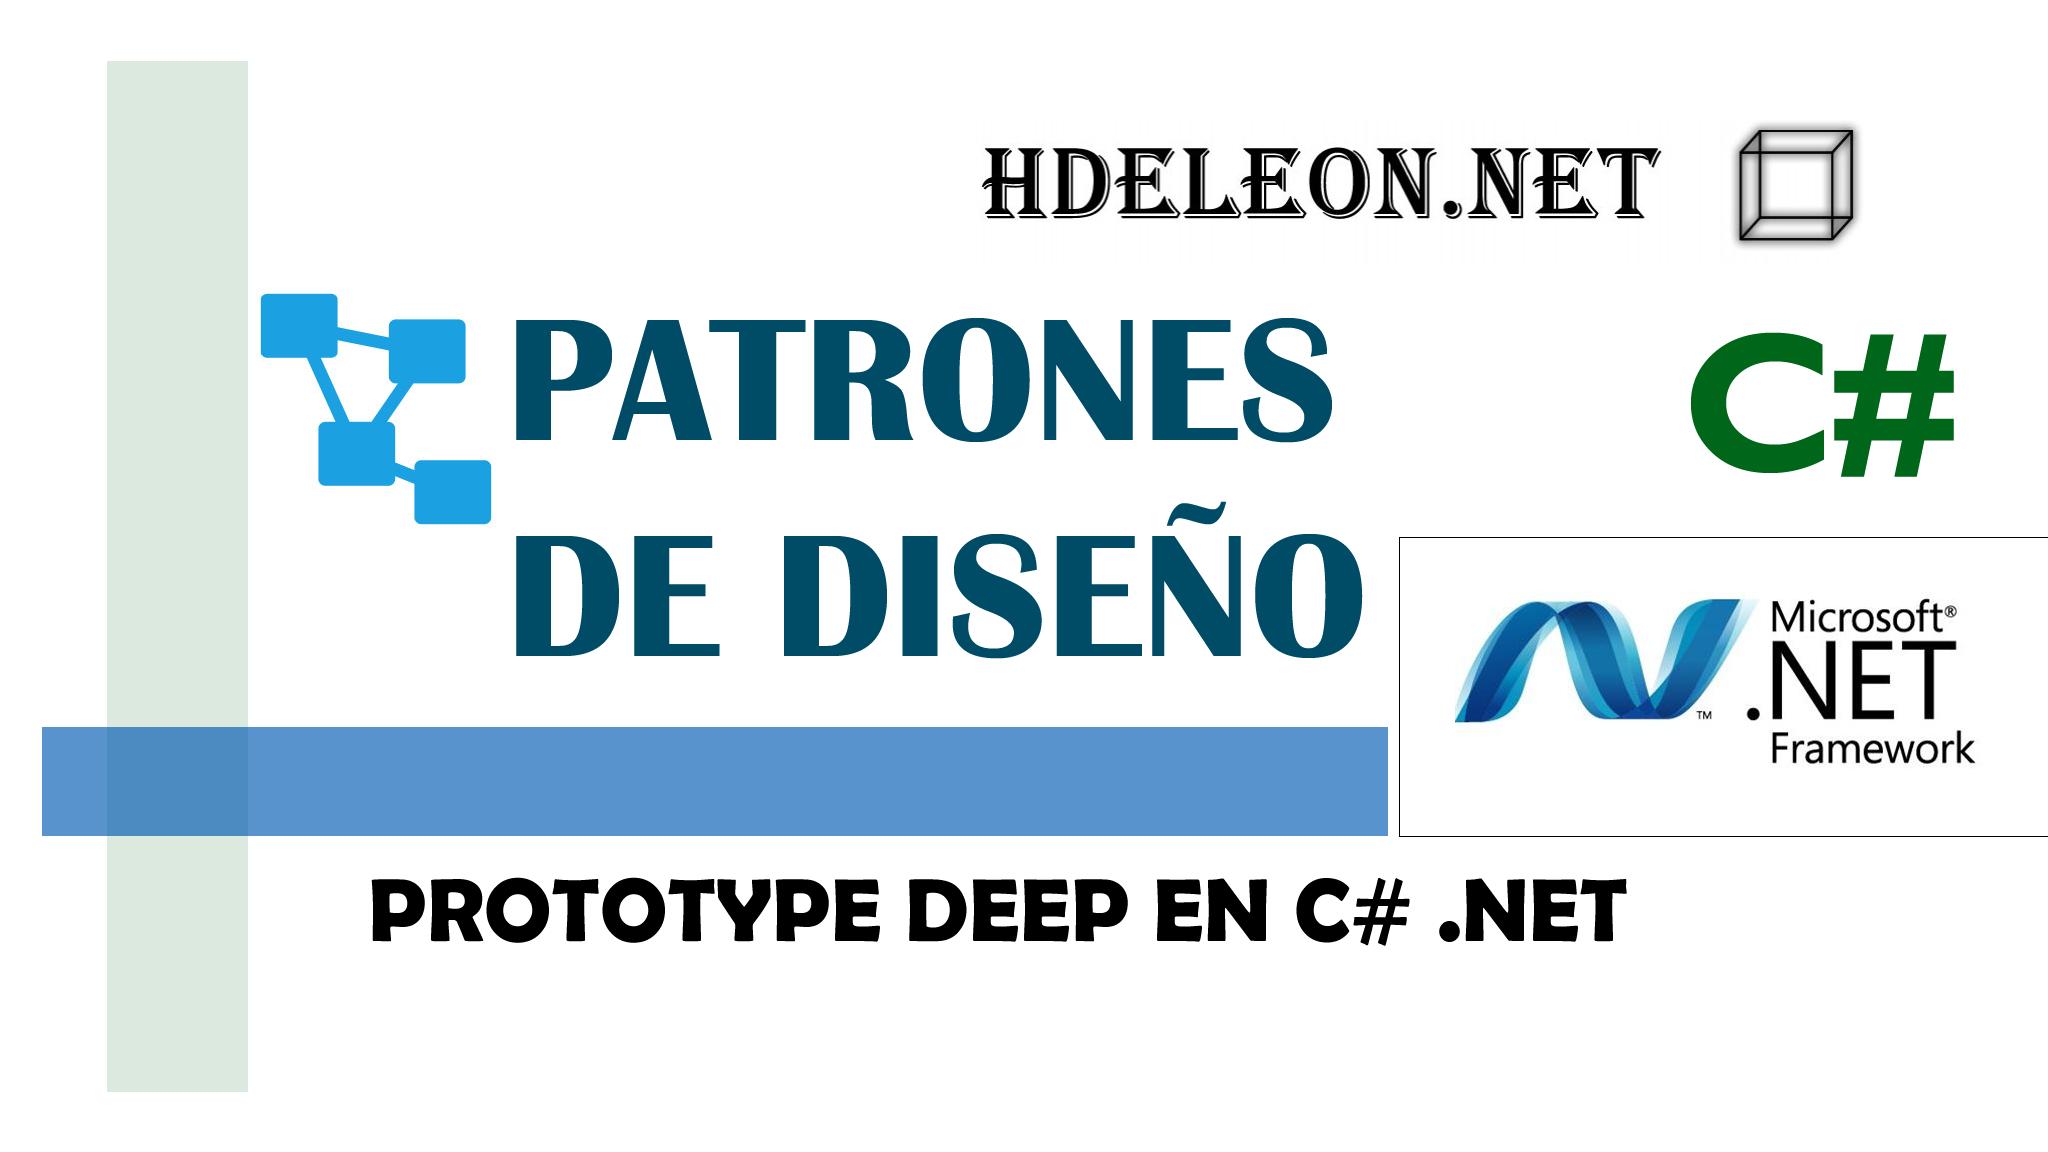 Prototype deep en C# .Net, Patrones de diseño, design patterns, #3